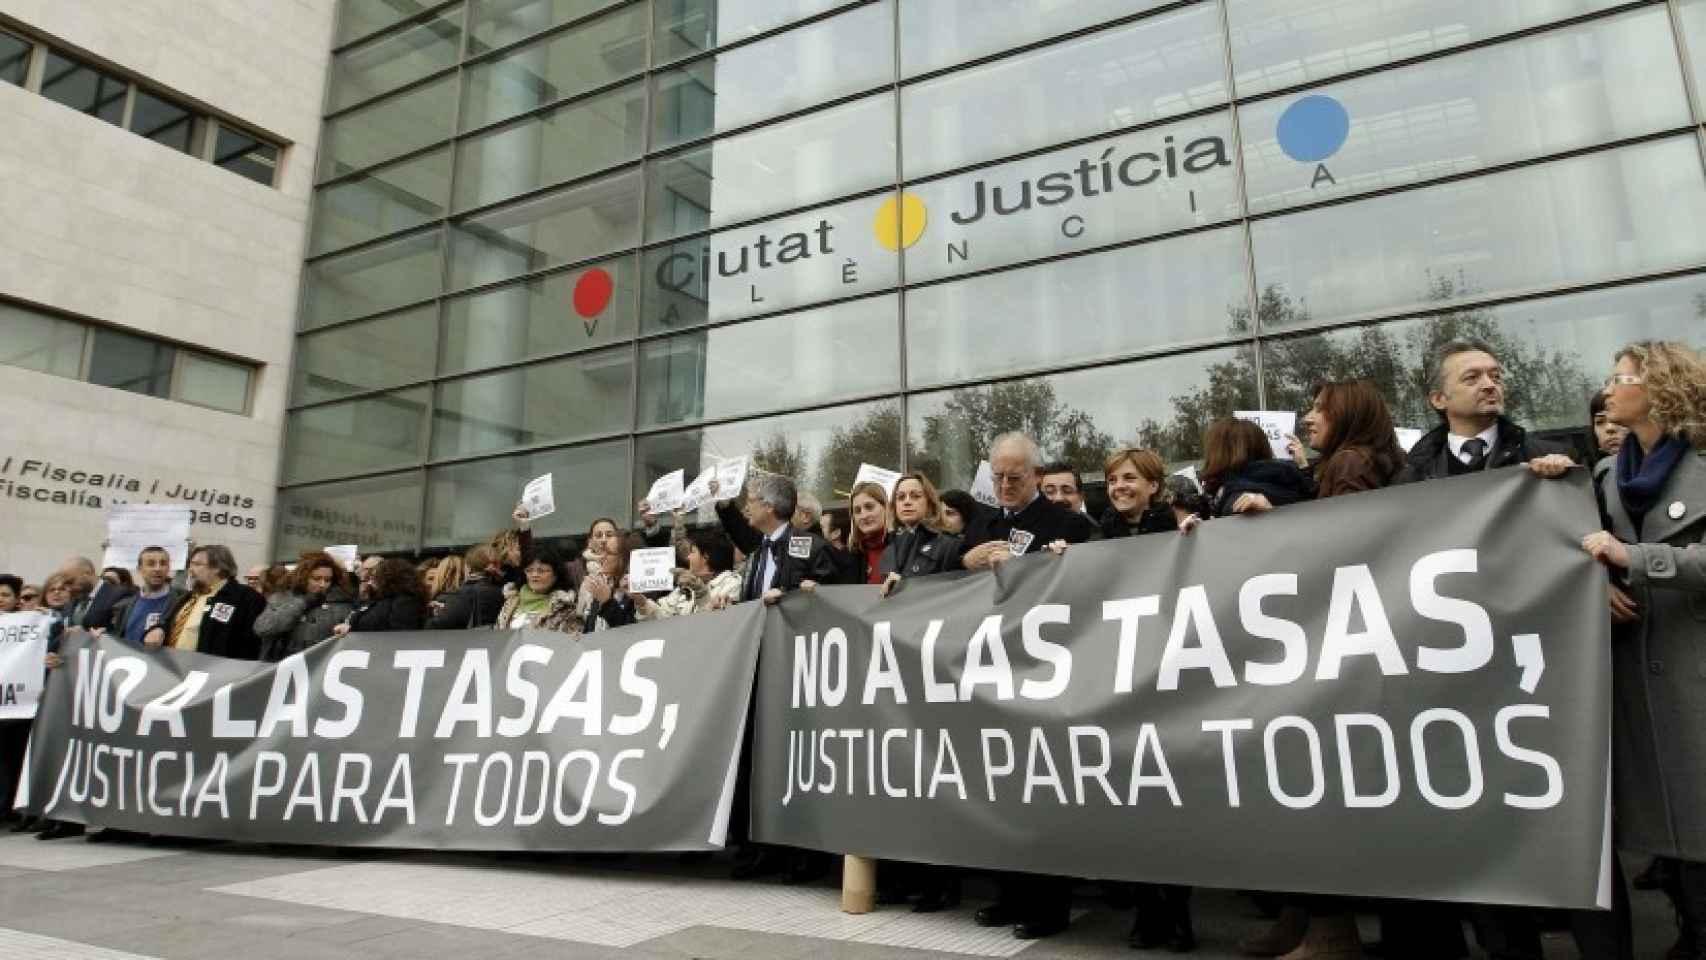 Manifestación contra las tasas judiciales en Valencia.